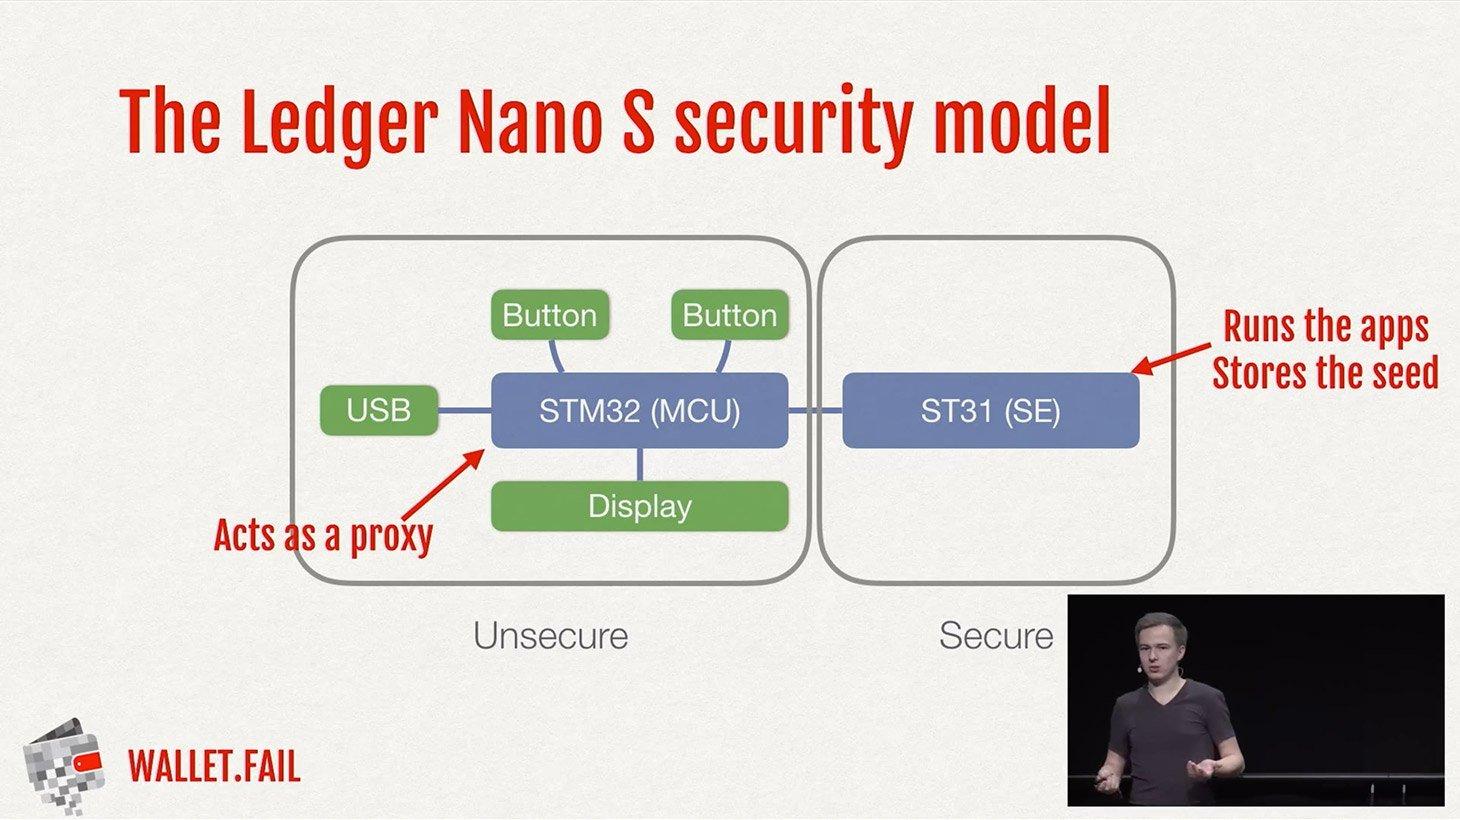 Il modello Nano S di Ledger